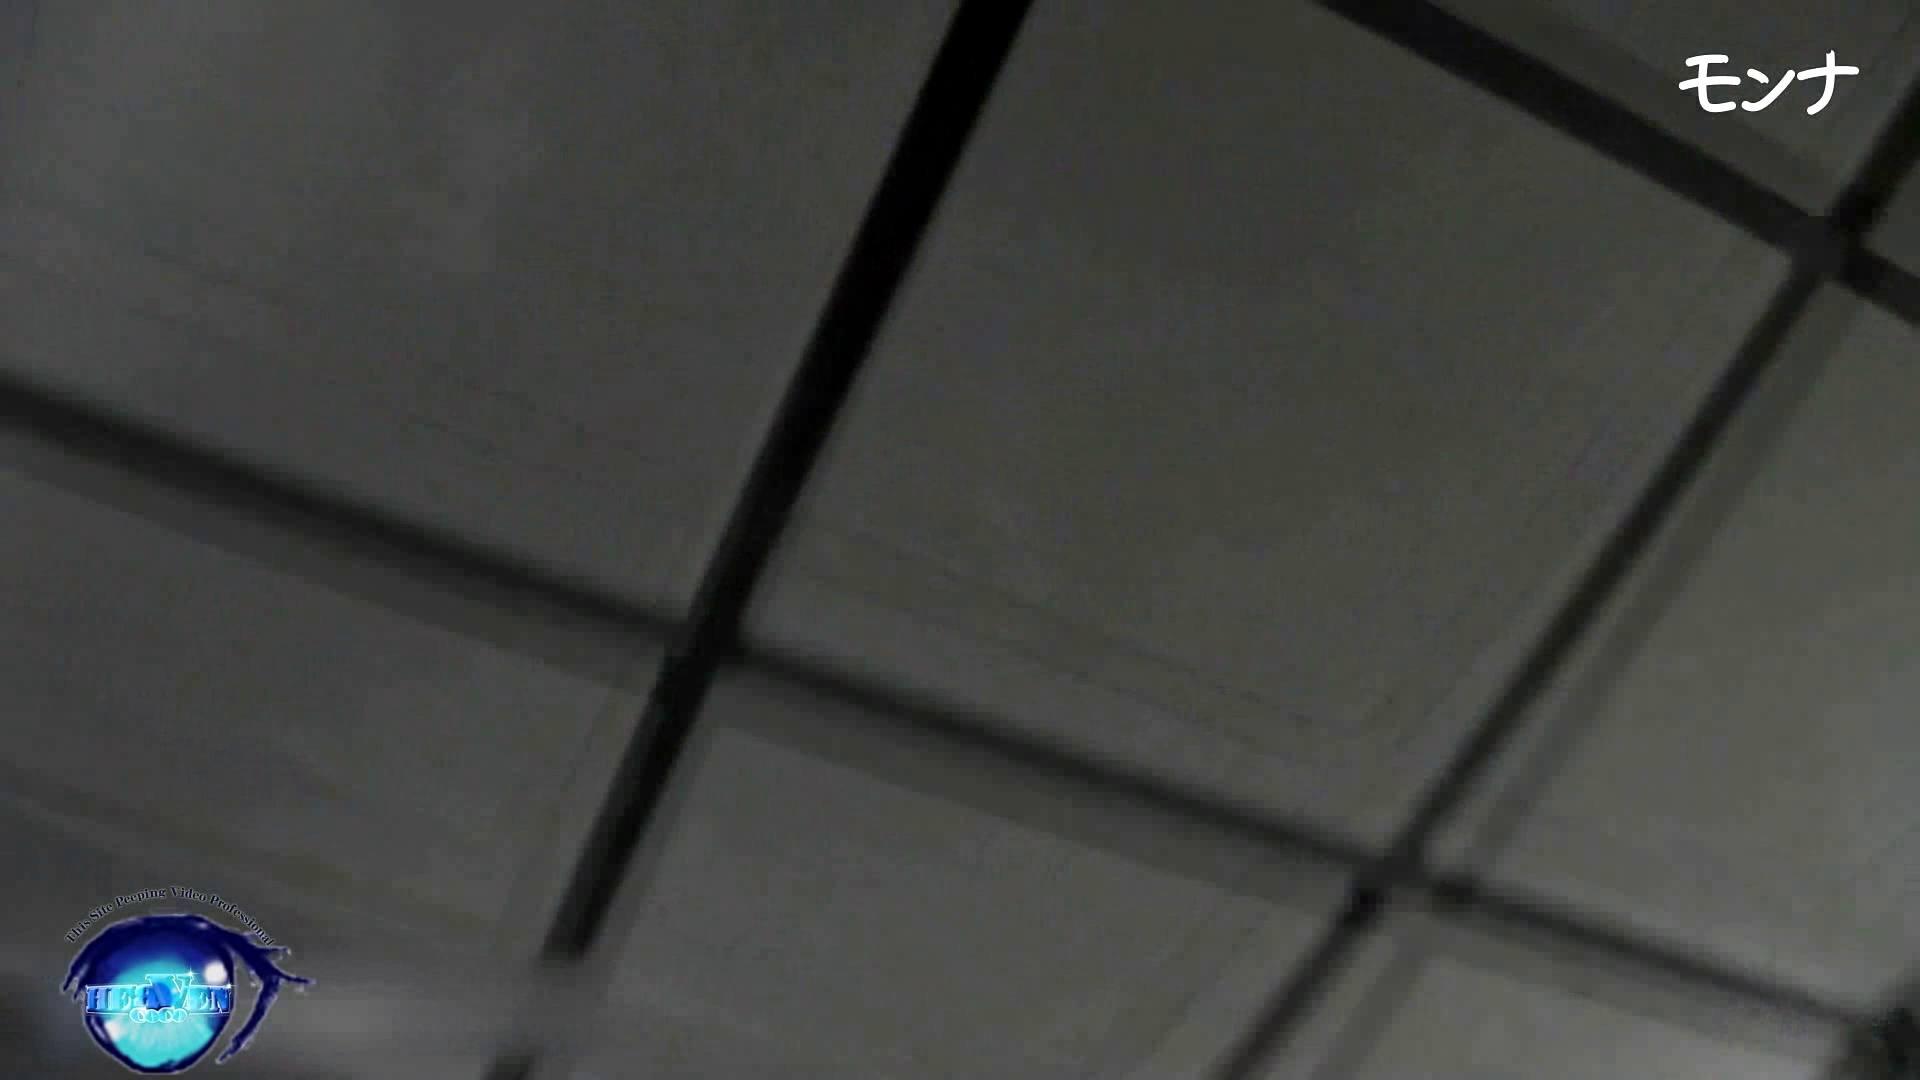 【美しい日本の未来】美しい日本の未来 No.82たまらない丸み、今度またハプニング起きる ハプニング オメコ無修正動画無料 98pic 4